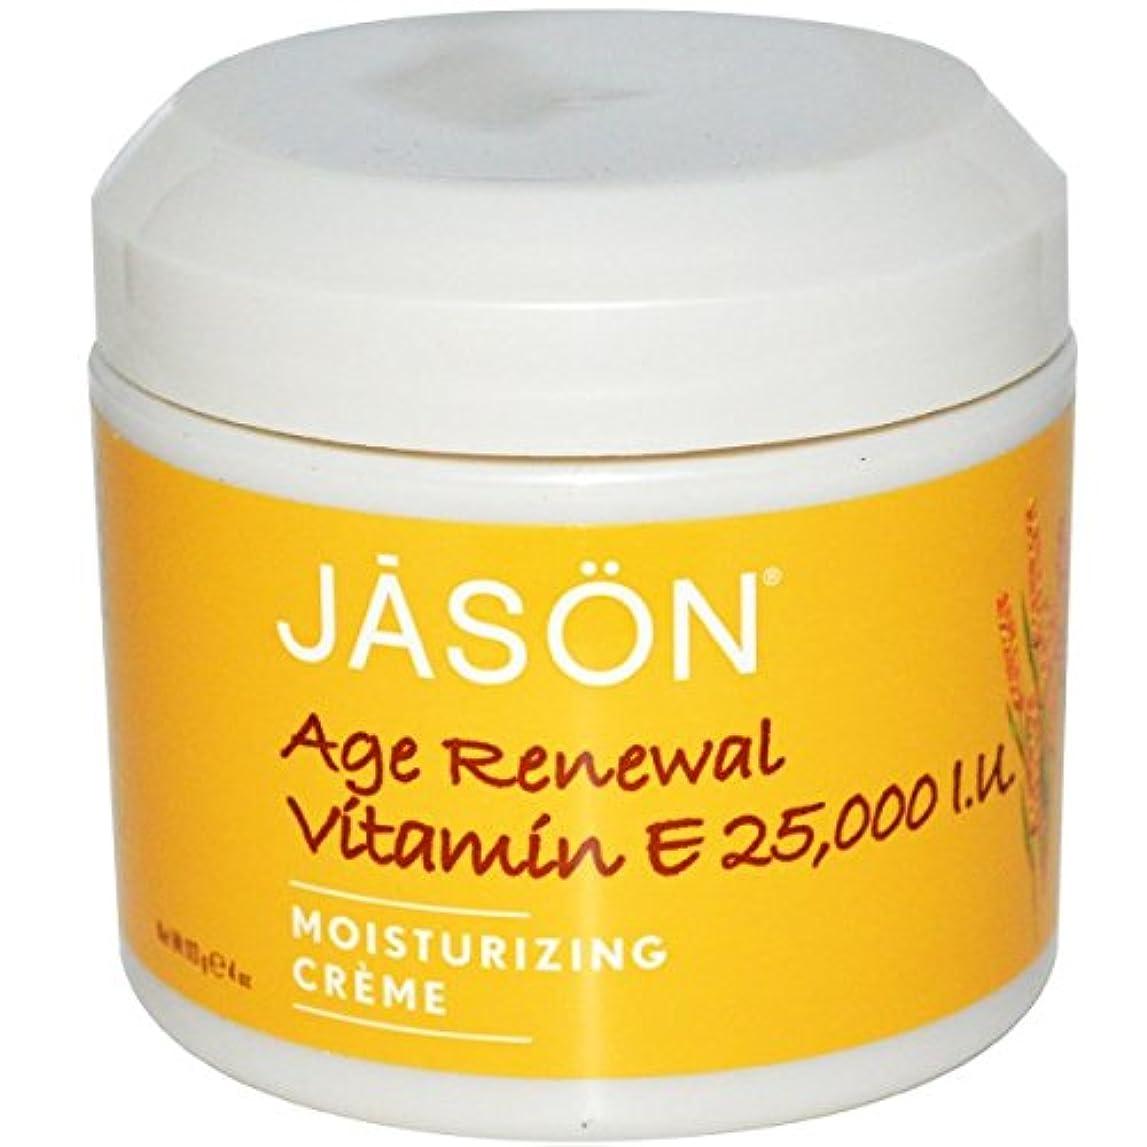 砲撃立場自伝[海外直送品] ジェイソンナチュラル(Jason Natural) 25,000 IU ビタミンE エイジリニューアルクリーム 113g